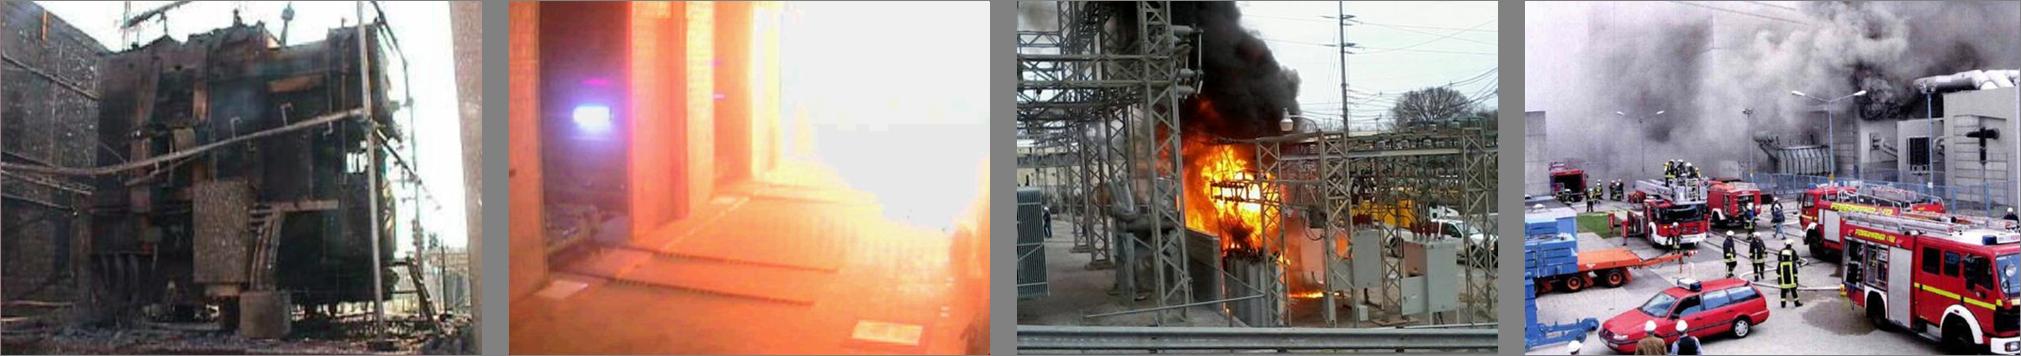 Explosionsschutz Transformator, Brandschutz Transformator, Transformer explosion protection, transformer fire protection, sergi,Transformatorenunfälle